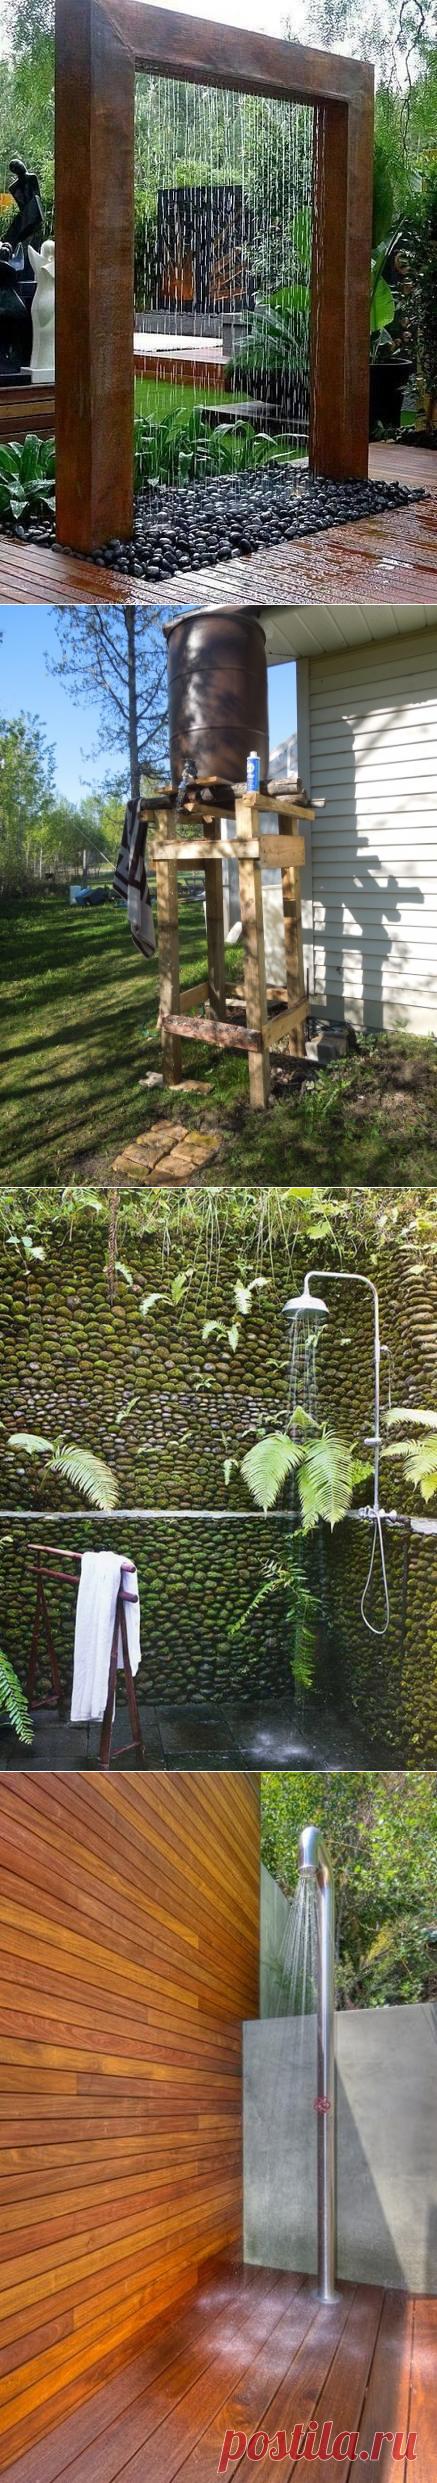 Садовый душ. Великолепные дизайнерские идеи! | Мой мир в фотографиях